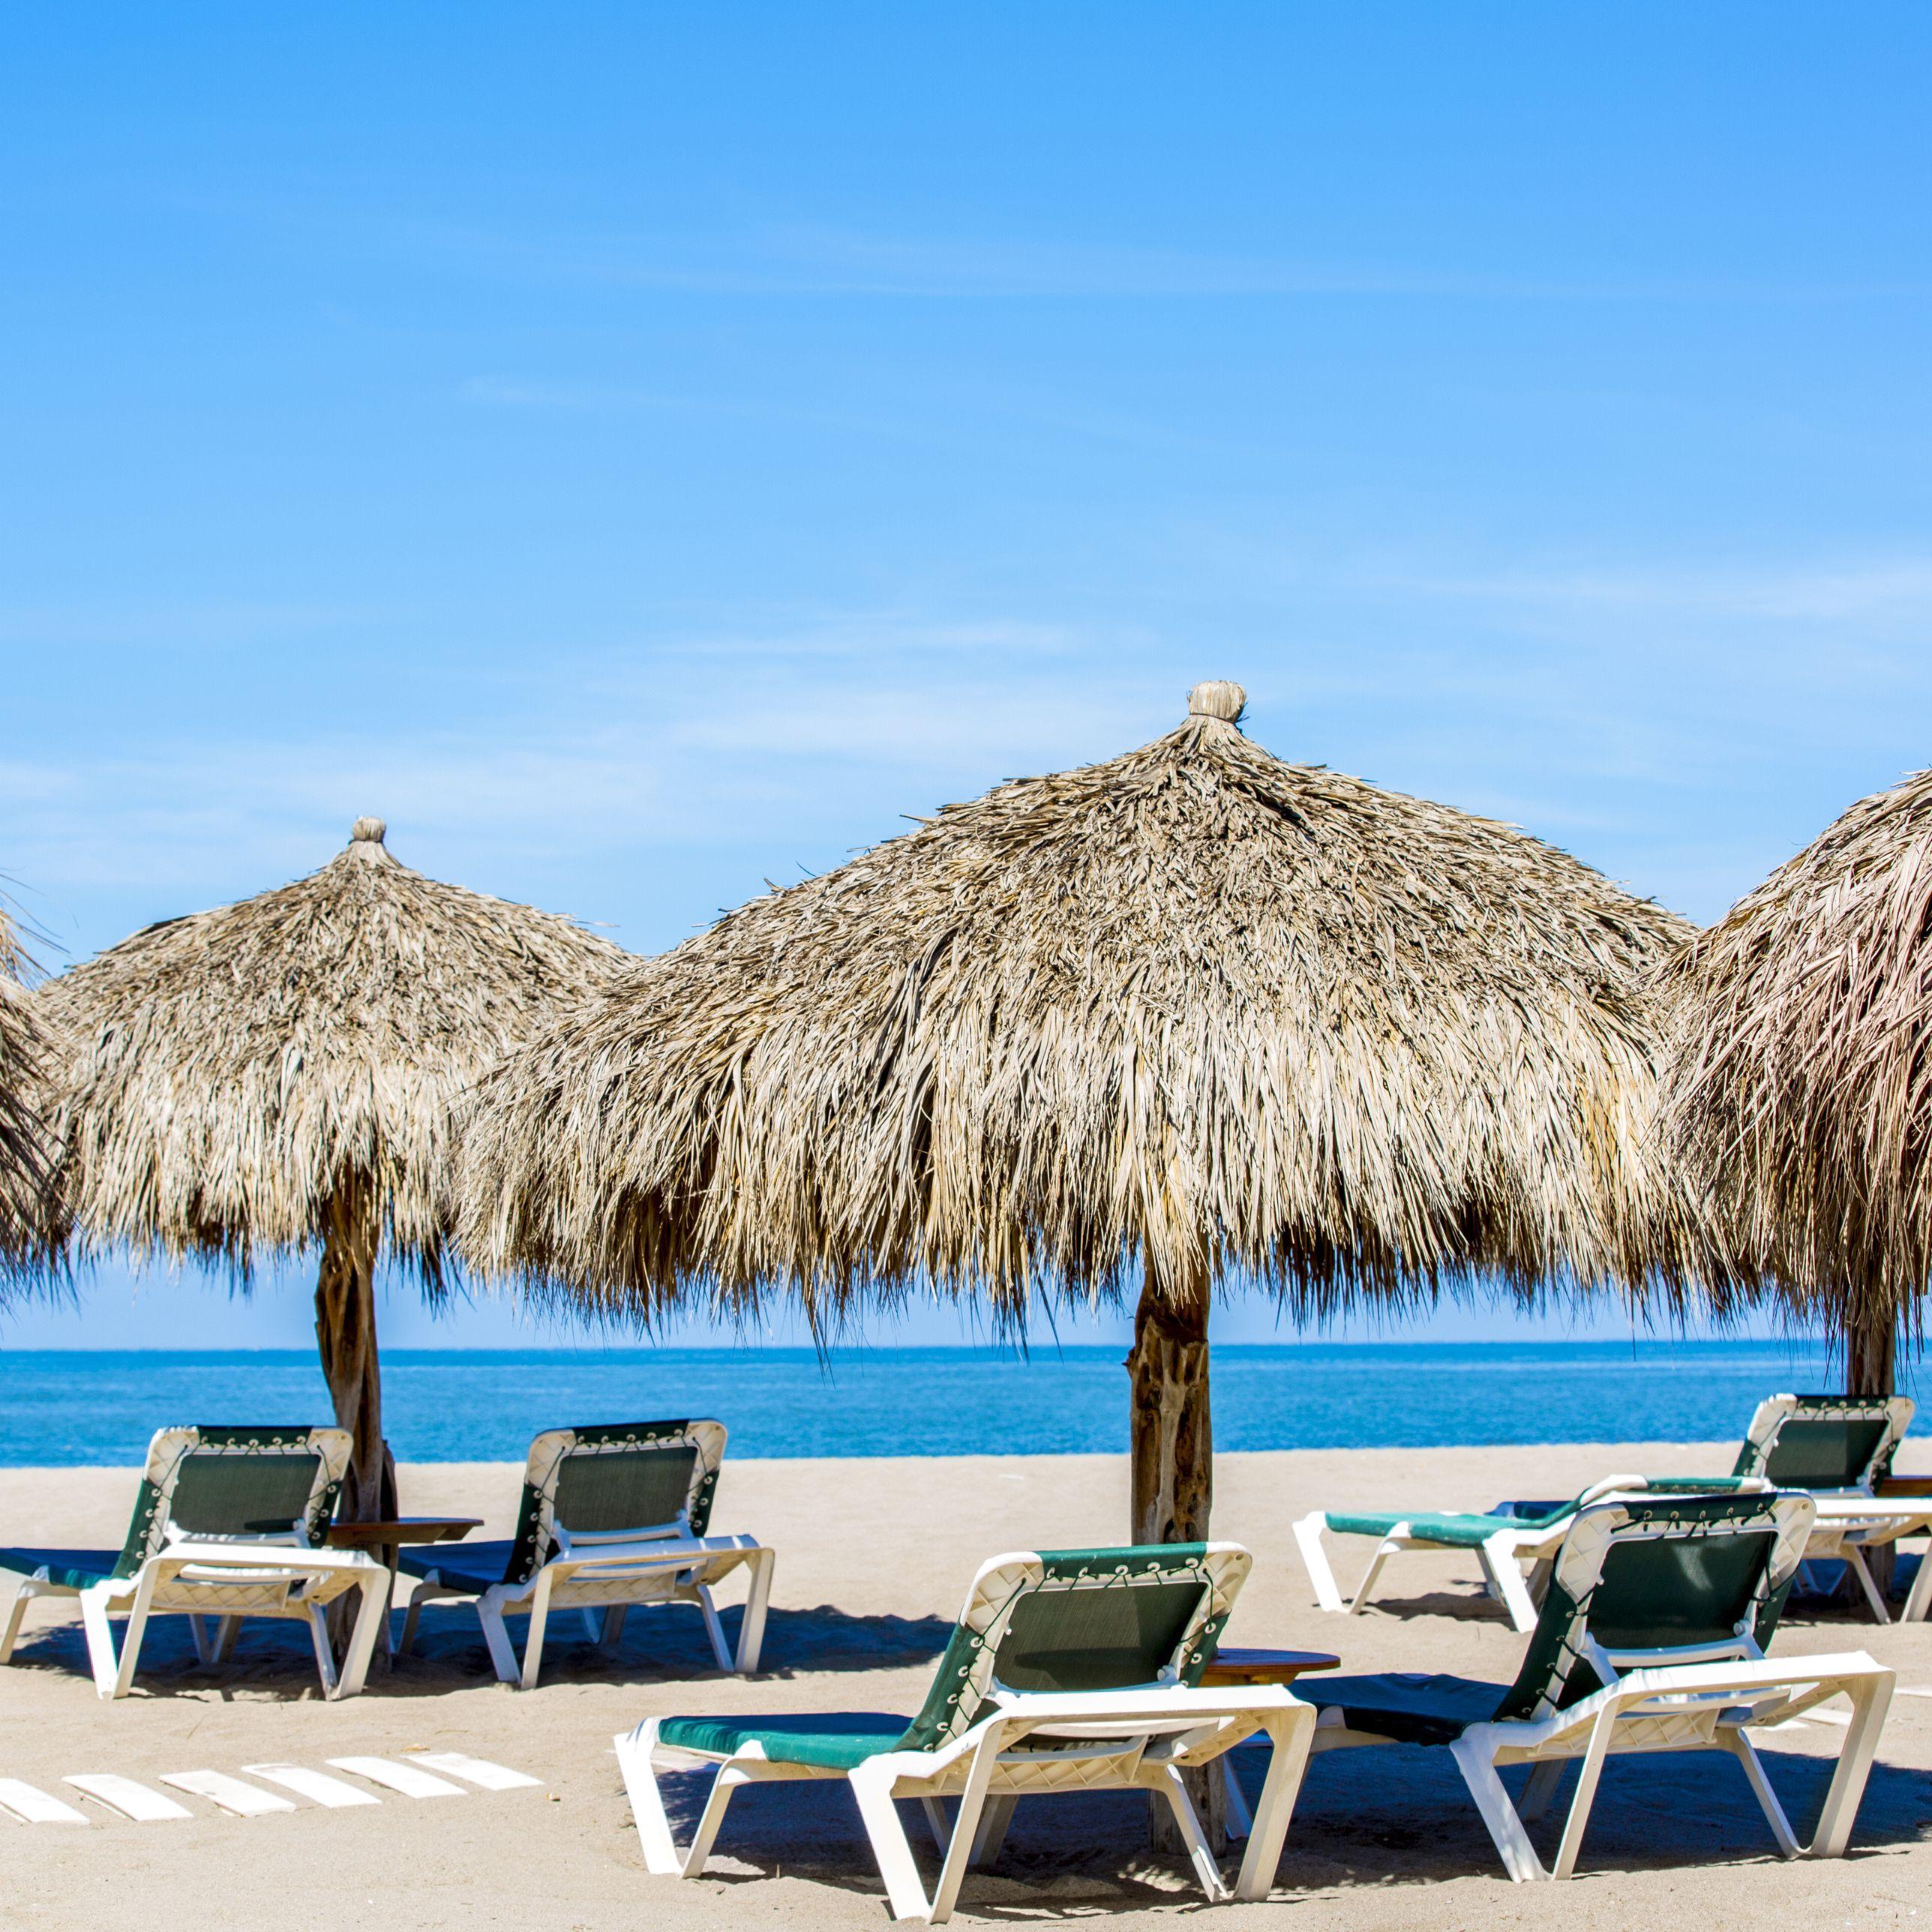 Top 10 Mexico Beach Destinations,Living Room Rustic Contemporary Interior Design